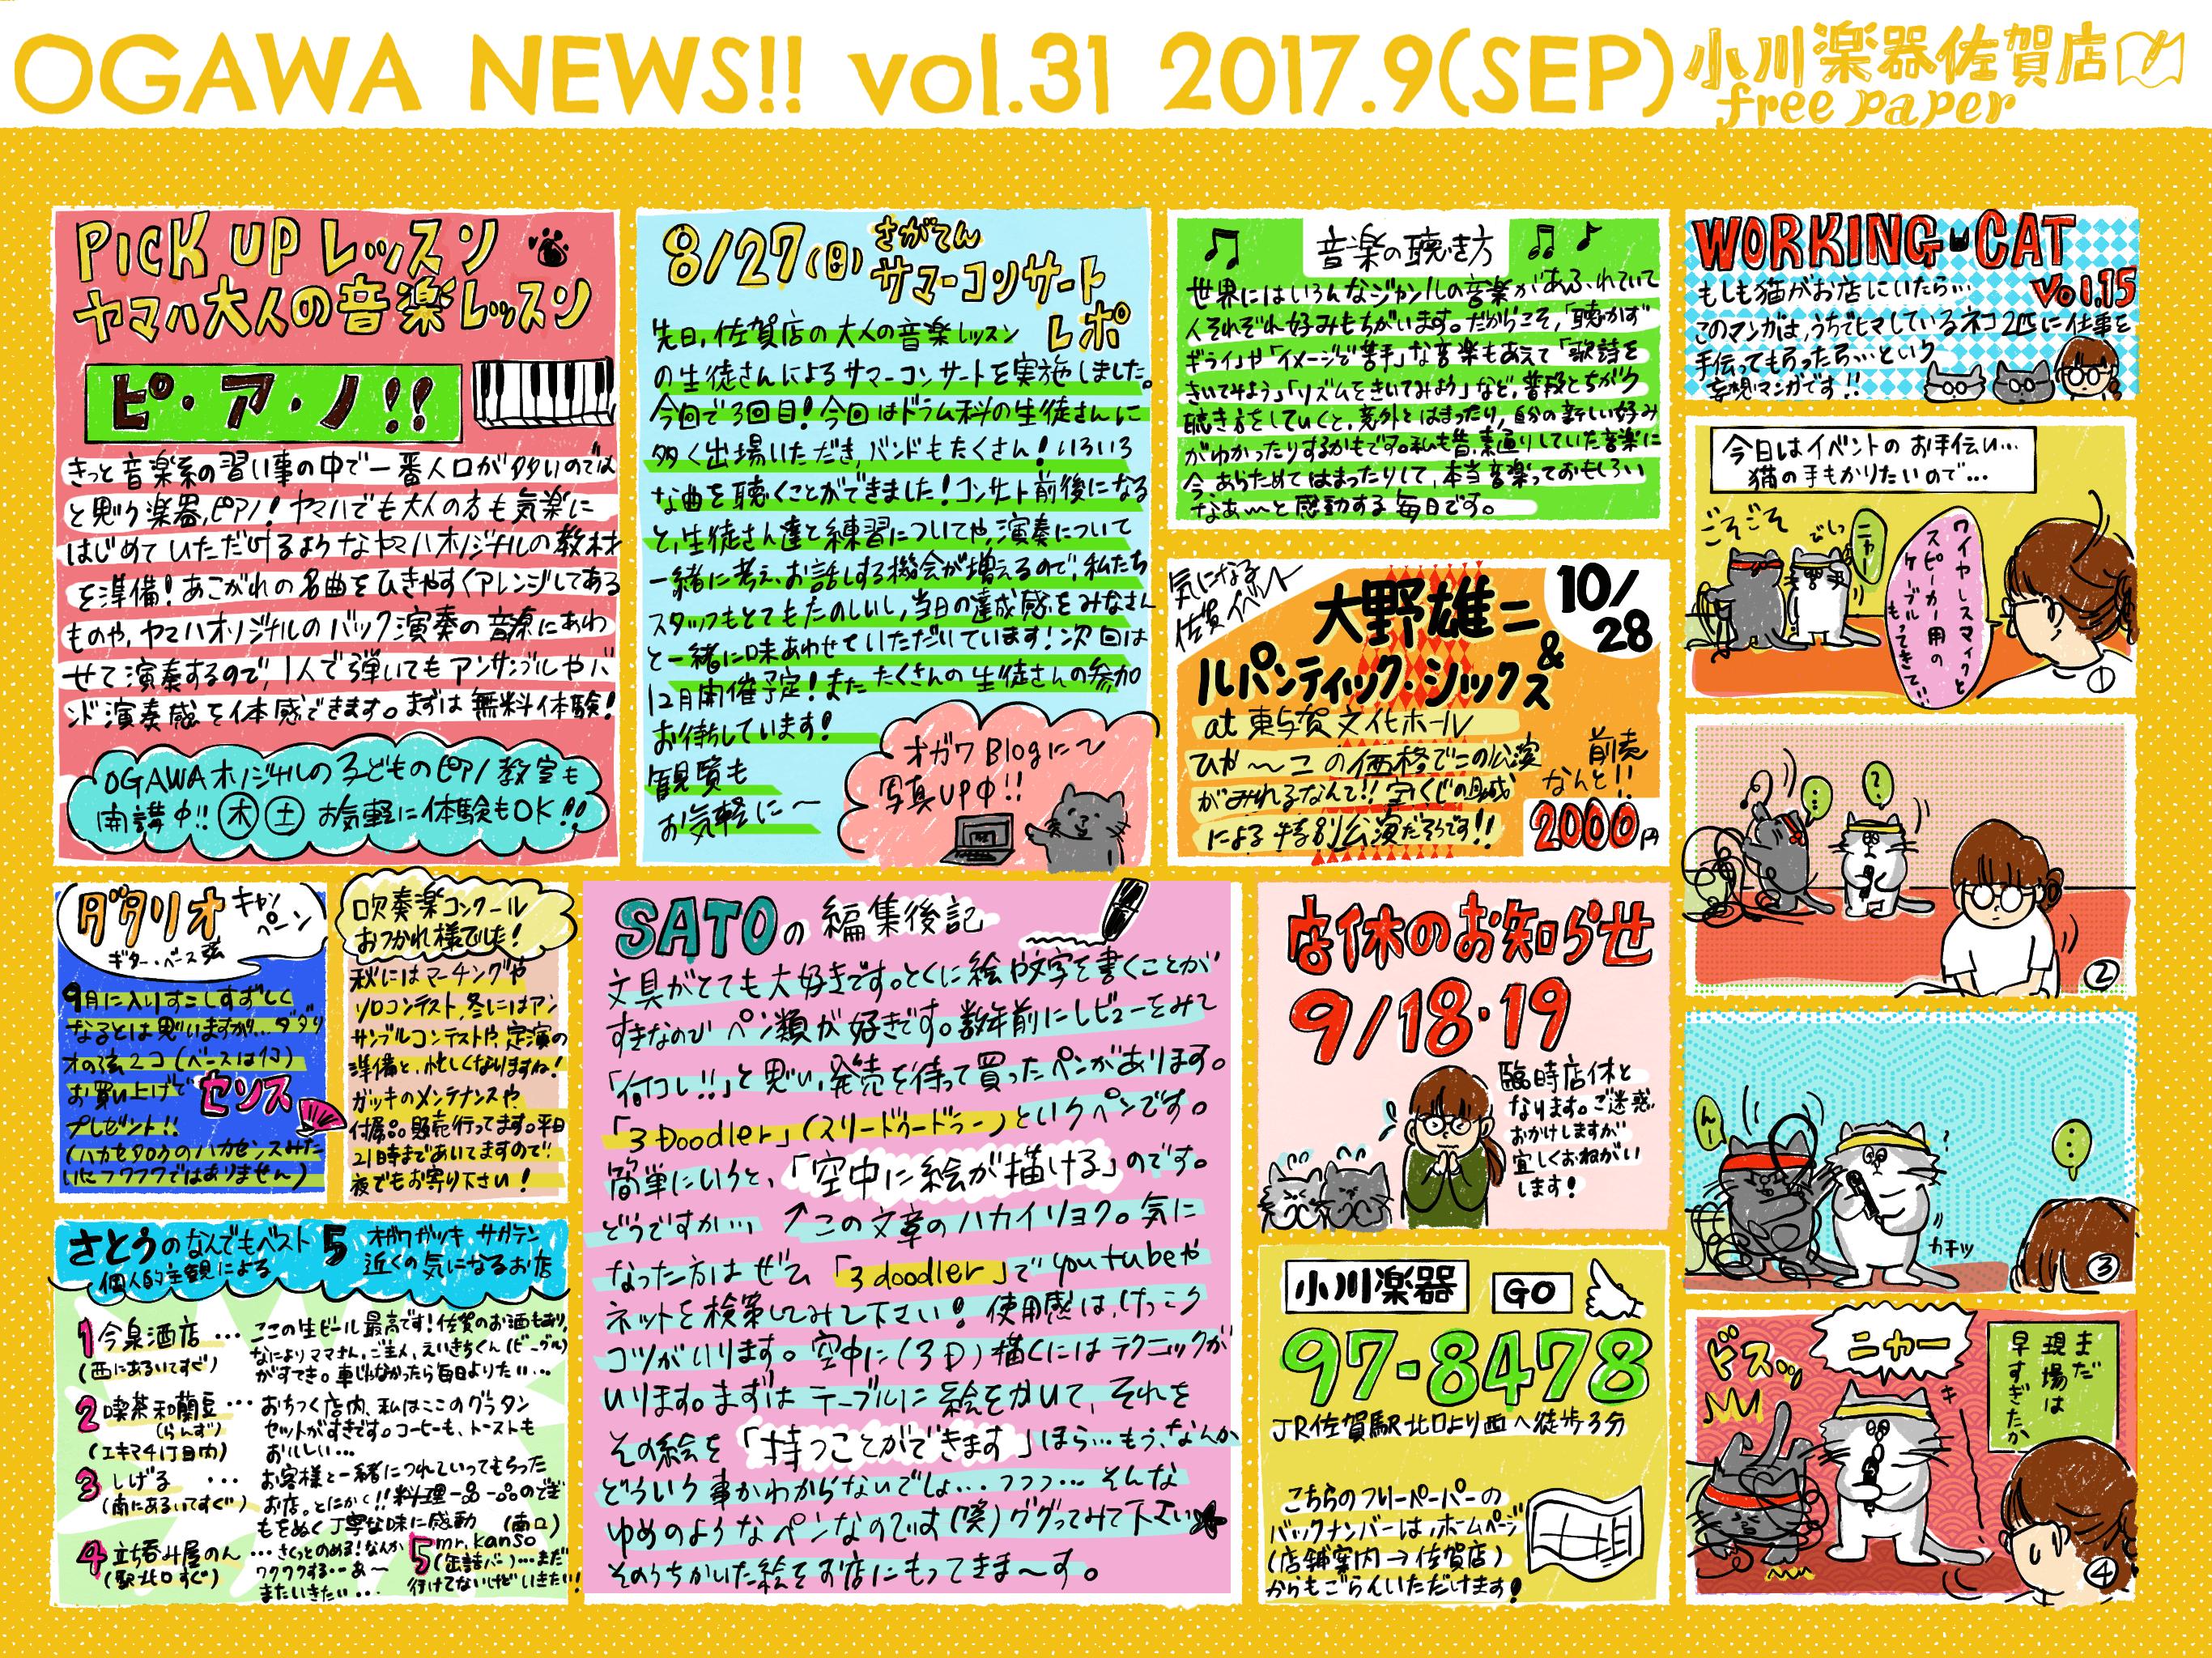 【佐賀店フリーペーパー】Vol.31 2017年9月号